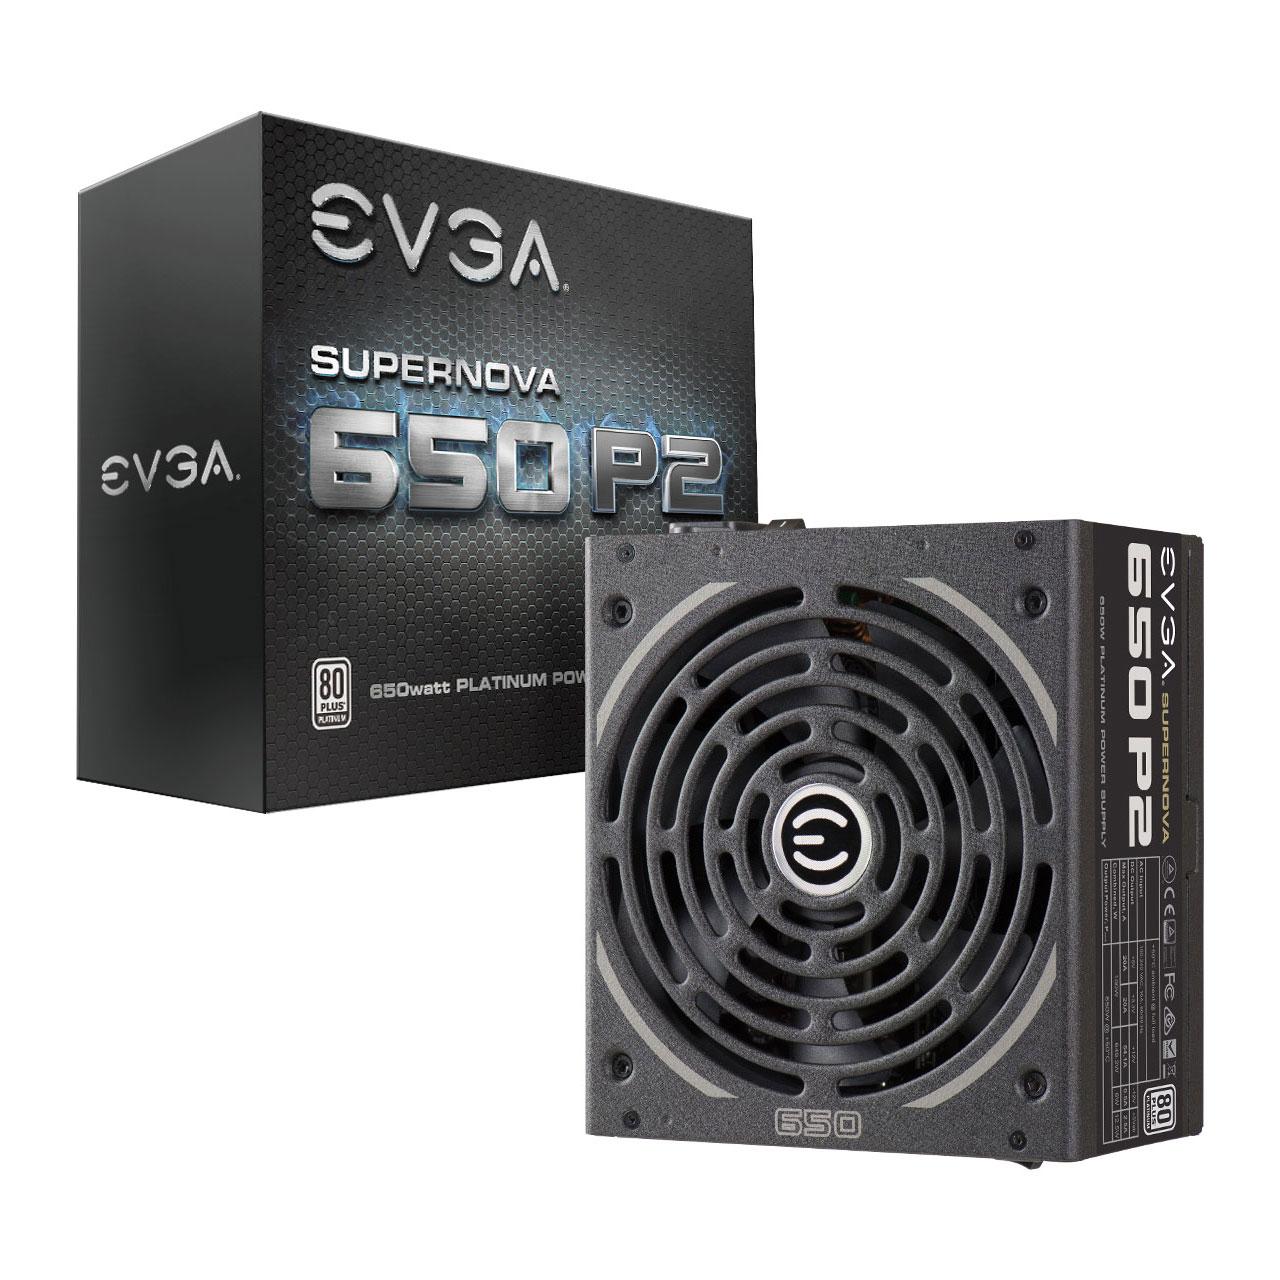 EVGA SuperNOVA 650 P2, 80+ PLATINUM 650W , Fully Modular £80.47 delivered at Scan